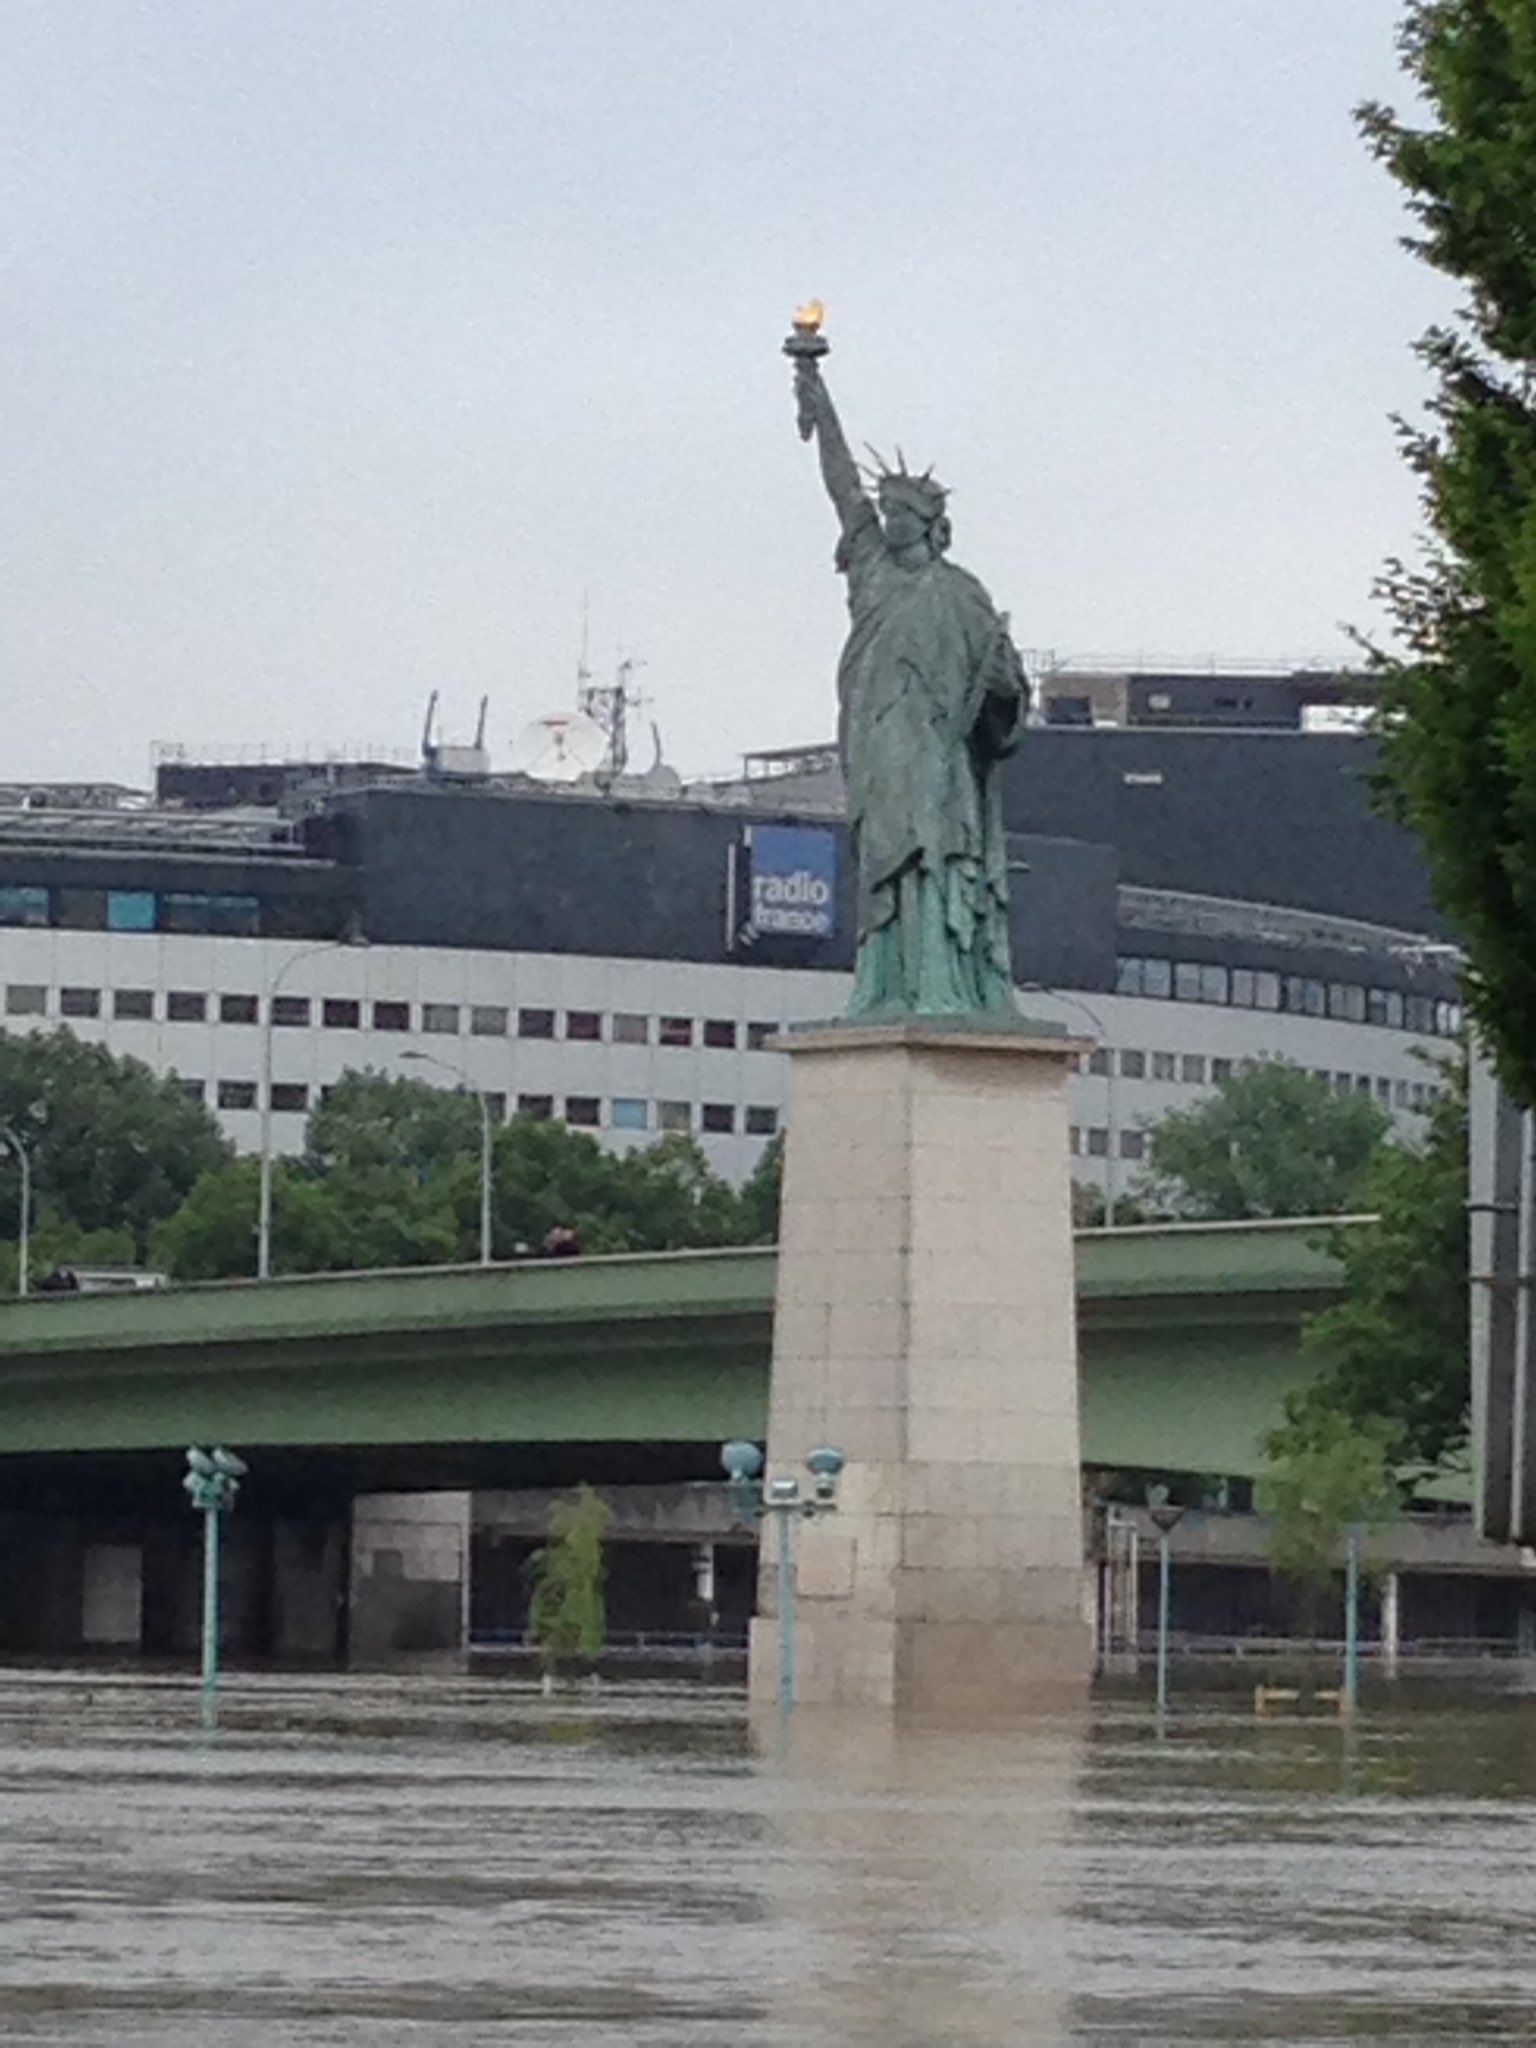 La Statue de la Liberté a encore de la marge #Paris #CrueSeine https://t.co/rMI3oois8j